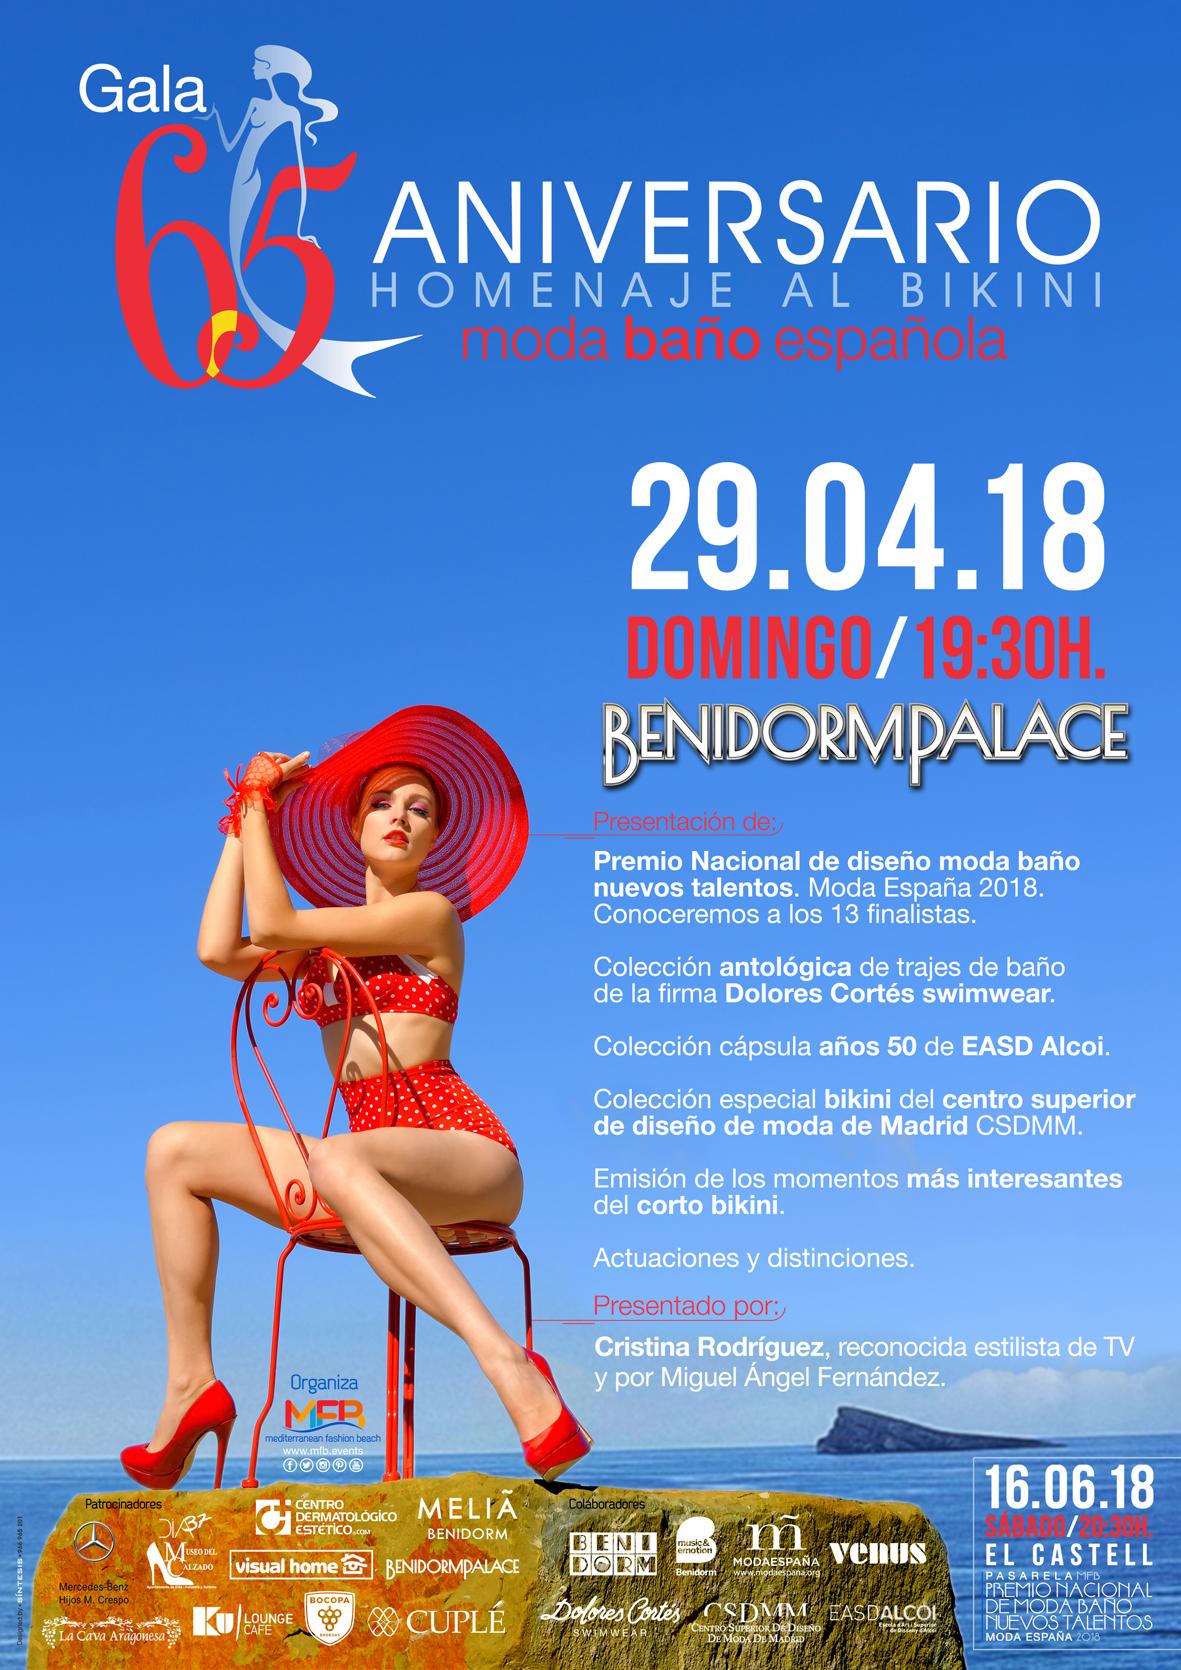 Gala 65 Aniversario homenaje al bikini moda baño Española